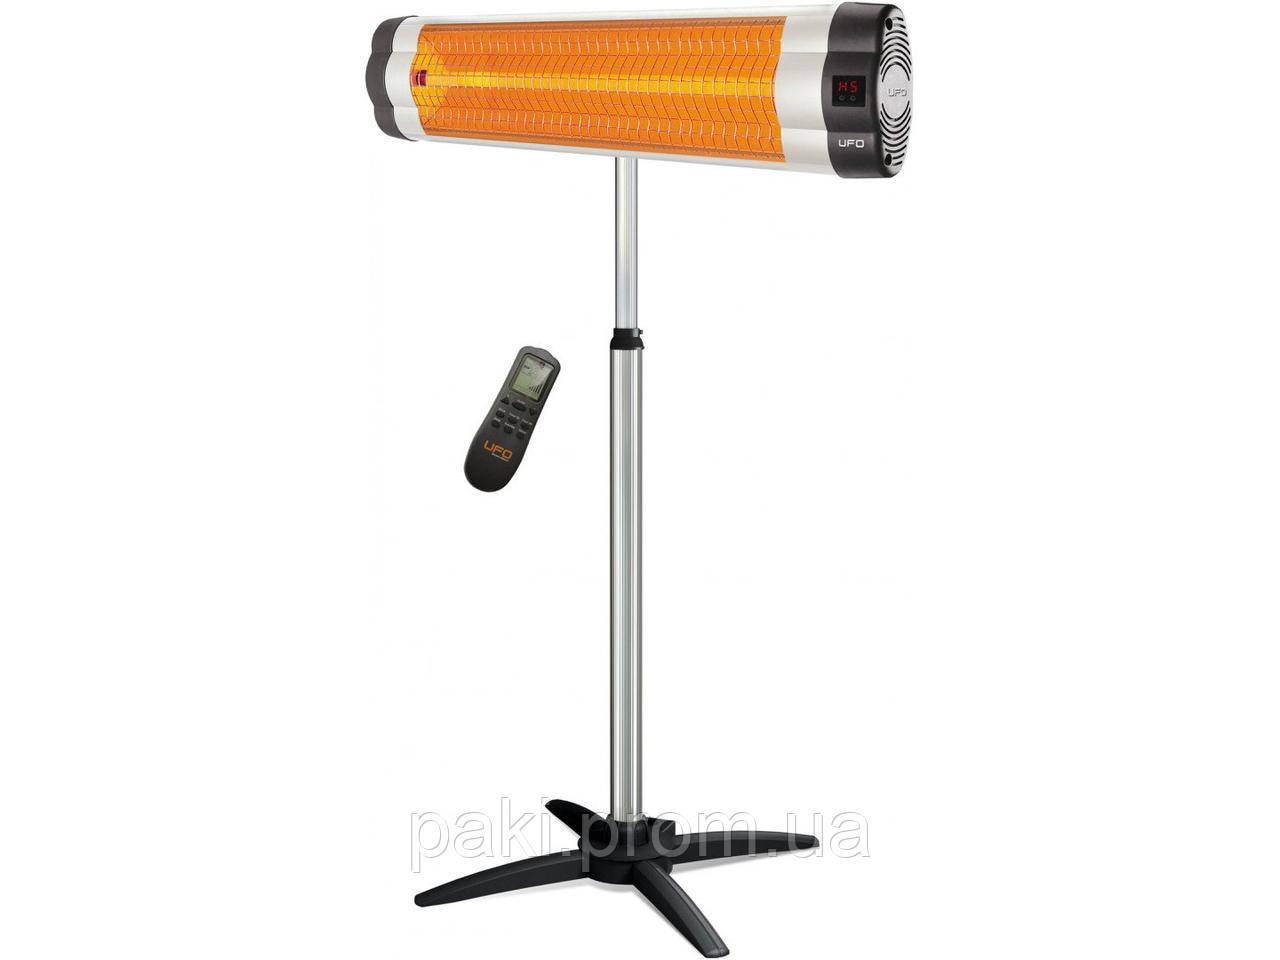 Обогреватель Инфракрасный DOMOTEC MS-5953 С Пультом Управления + телескопическая ножка